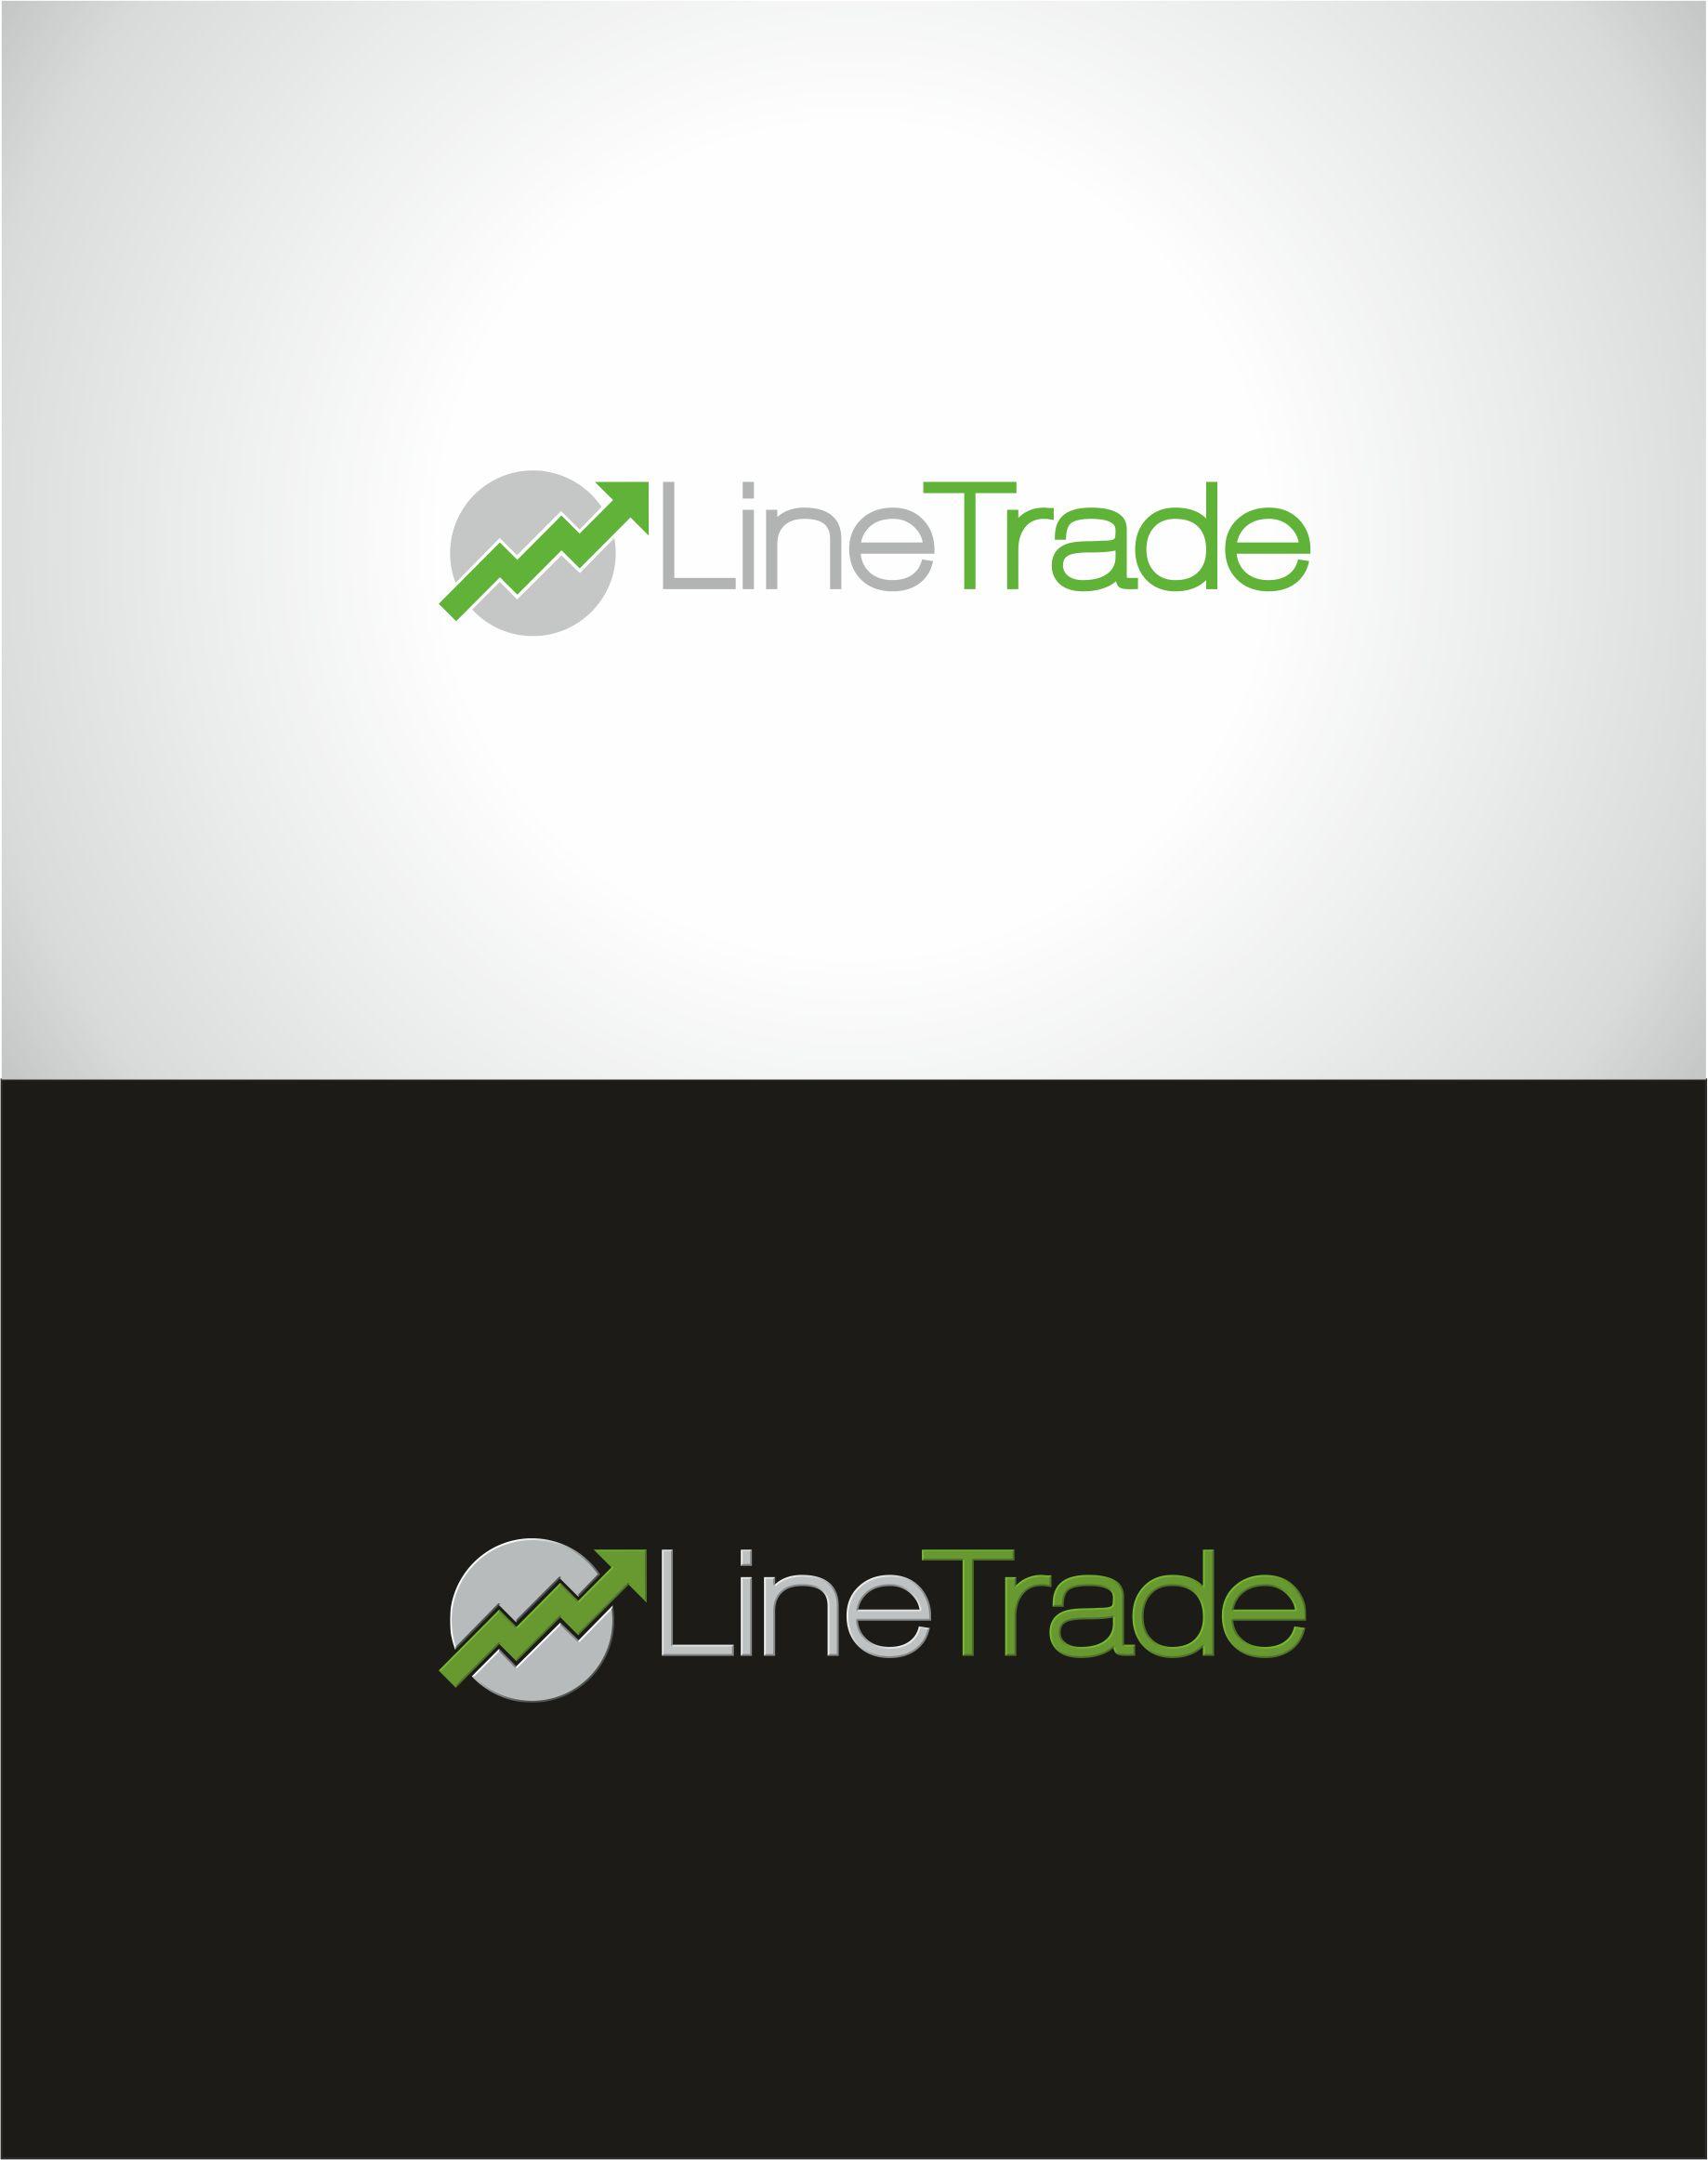 Разработка логотипа компании Line Trade фото f_01850f7b53a93fb3.jpg